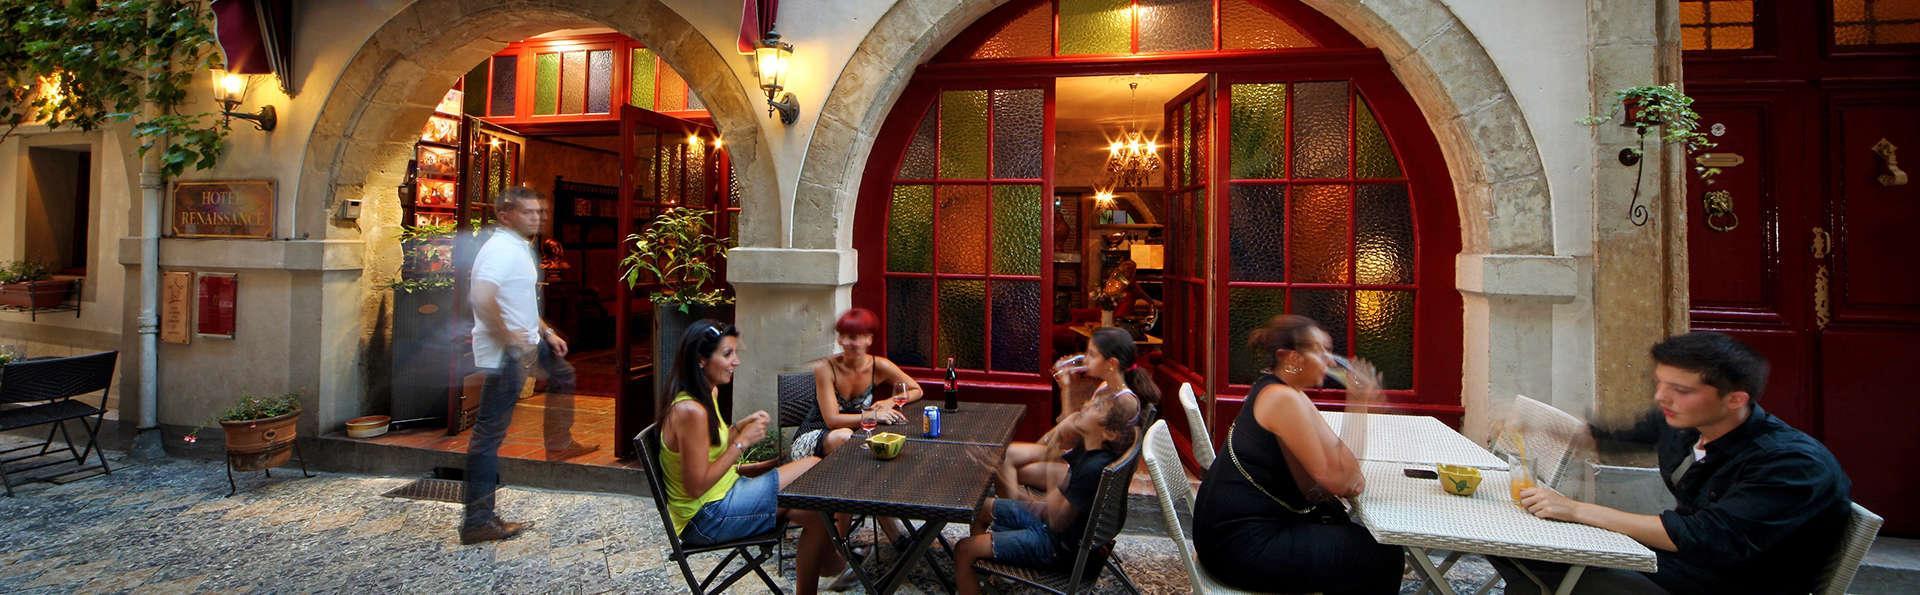 Hôtel Renaissance à Castres - EDIT_Fachada_1.jpg